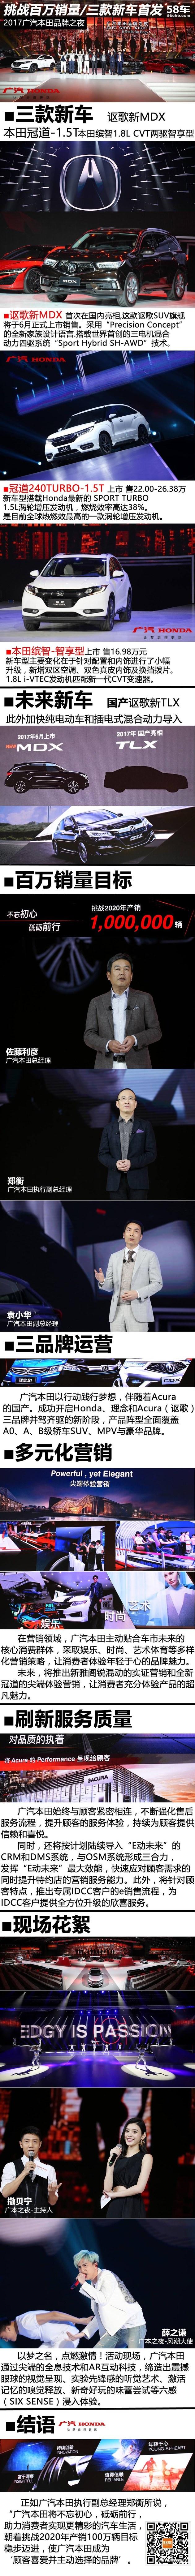 广汽本田之夜 挑战百万销量/三款新车首发